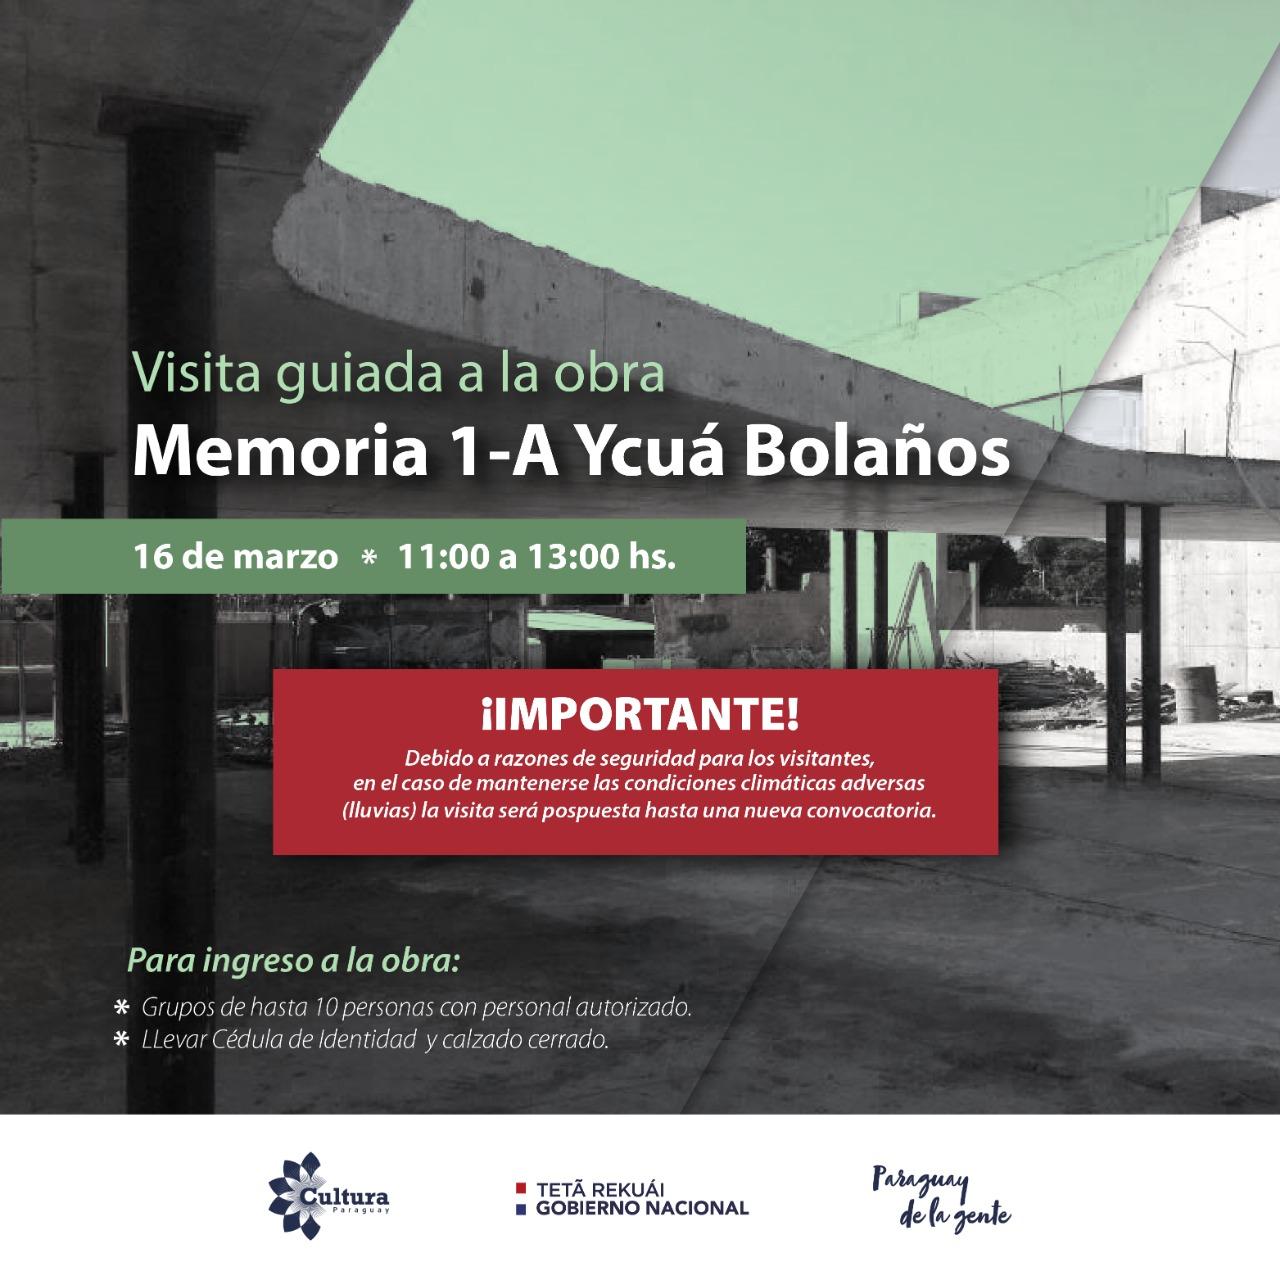 Visita guiada al sitio de memoria 1-A Ycuá Bolaños estará sujeta a las condiciones climáticas imagen